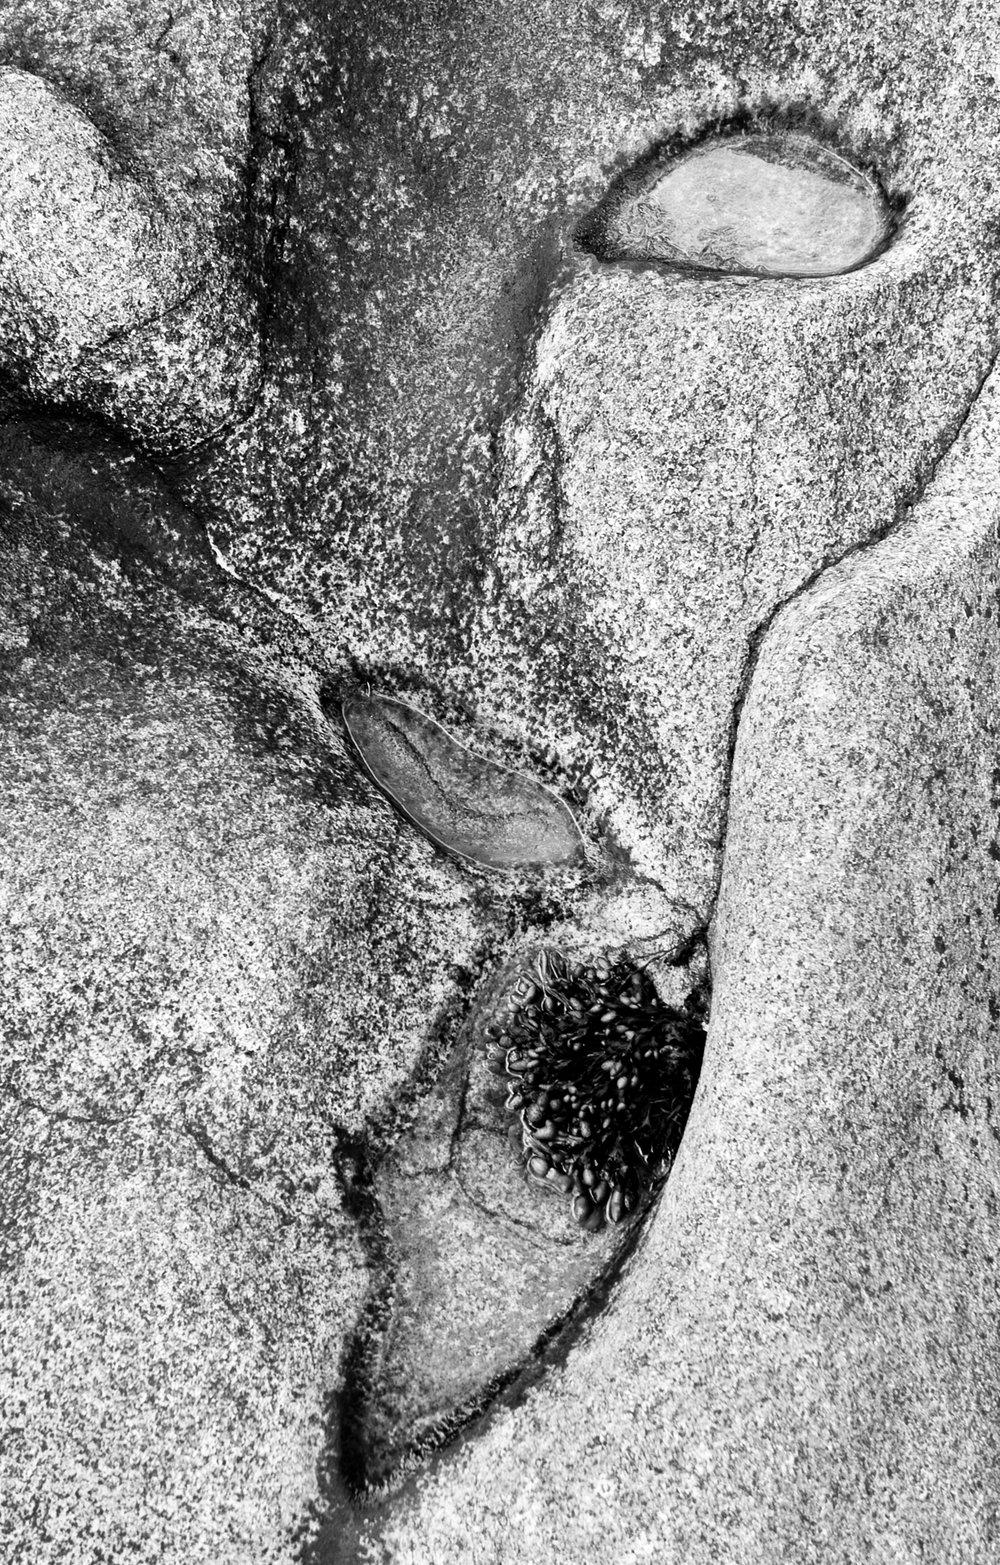 alien fossil